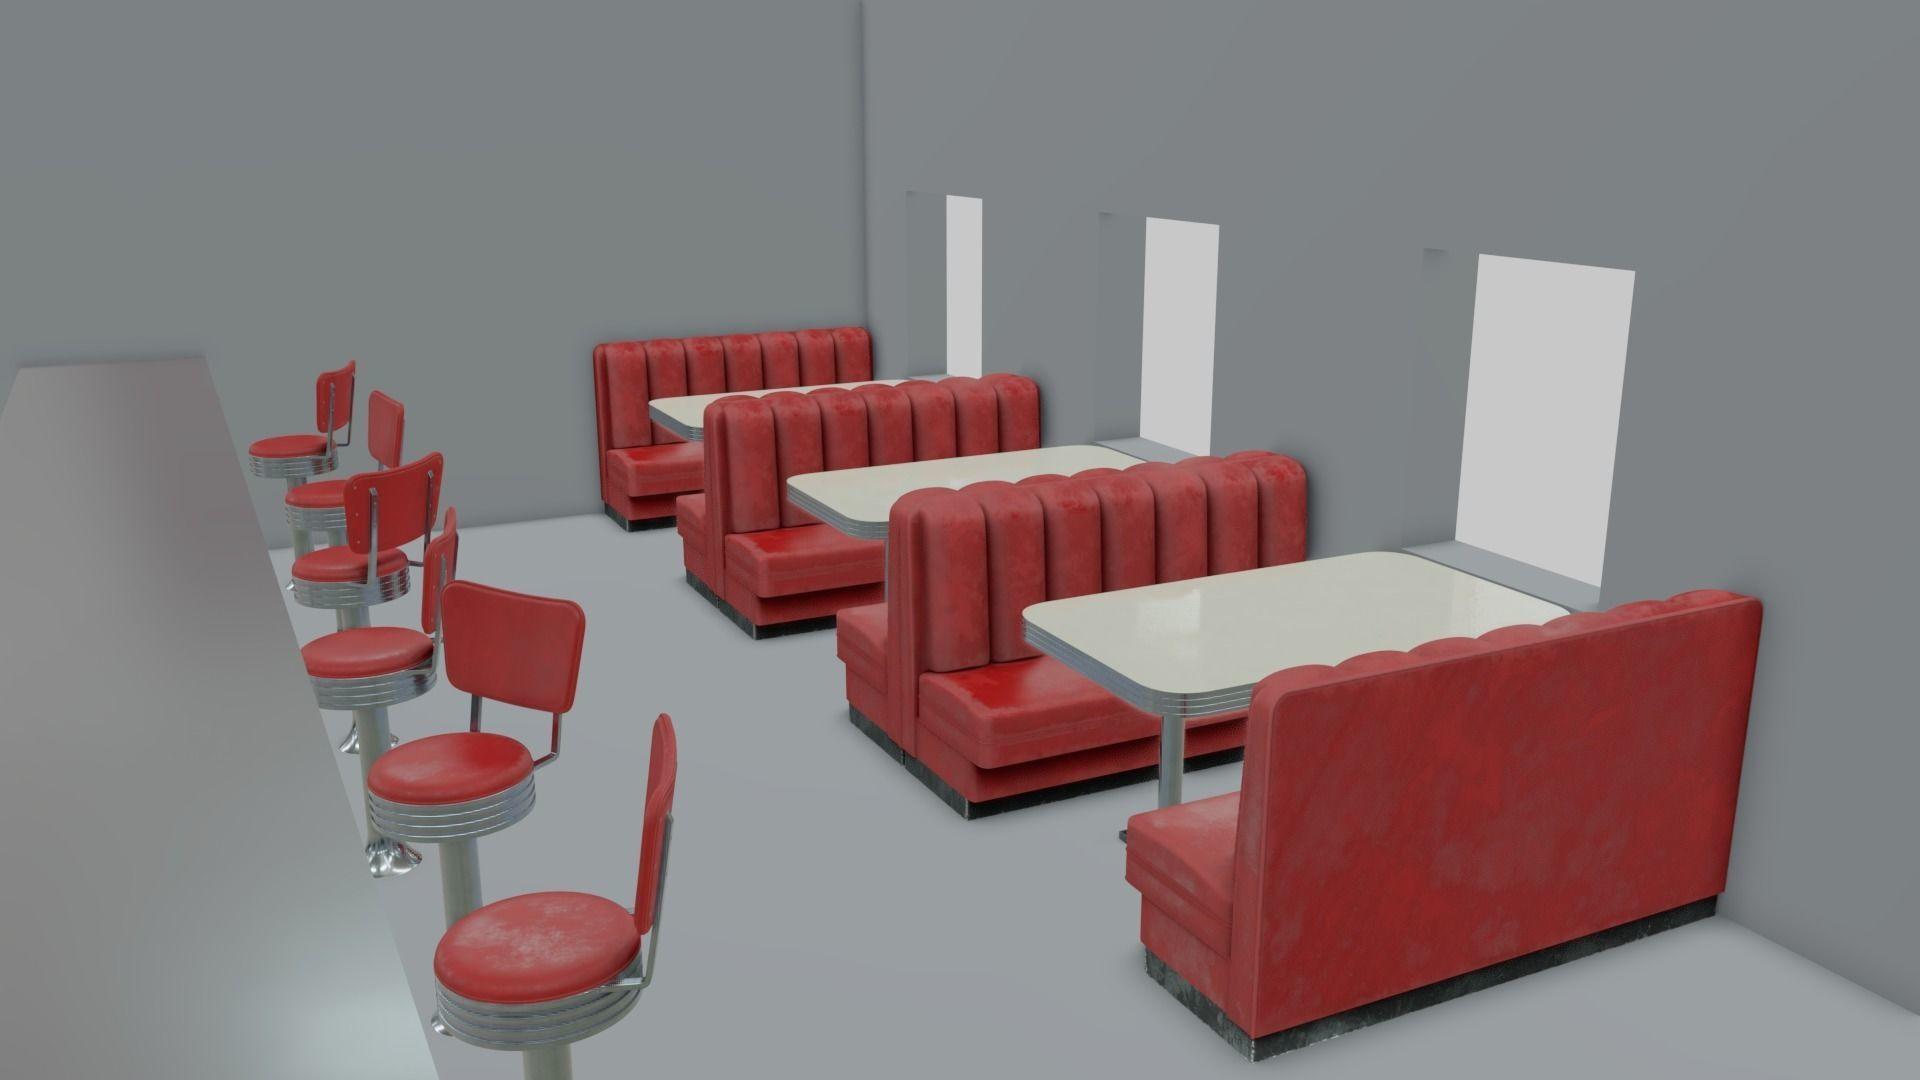 1950s Diner sitting set | 3D Model Collection